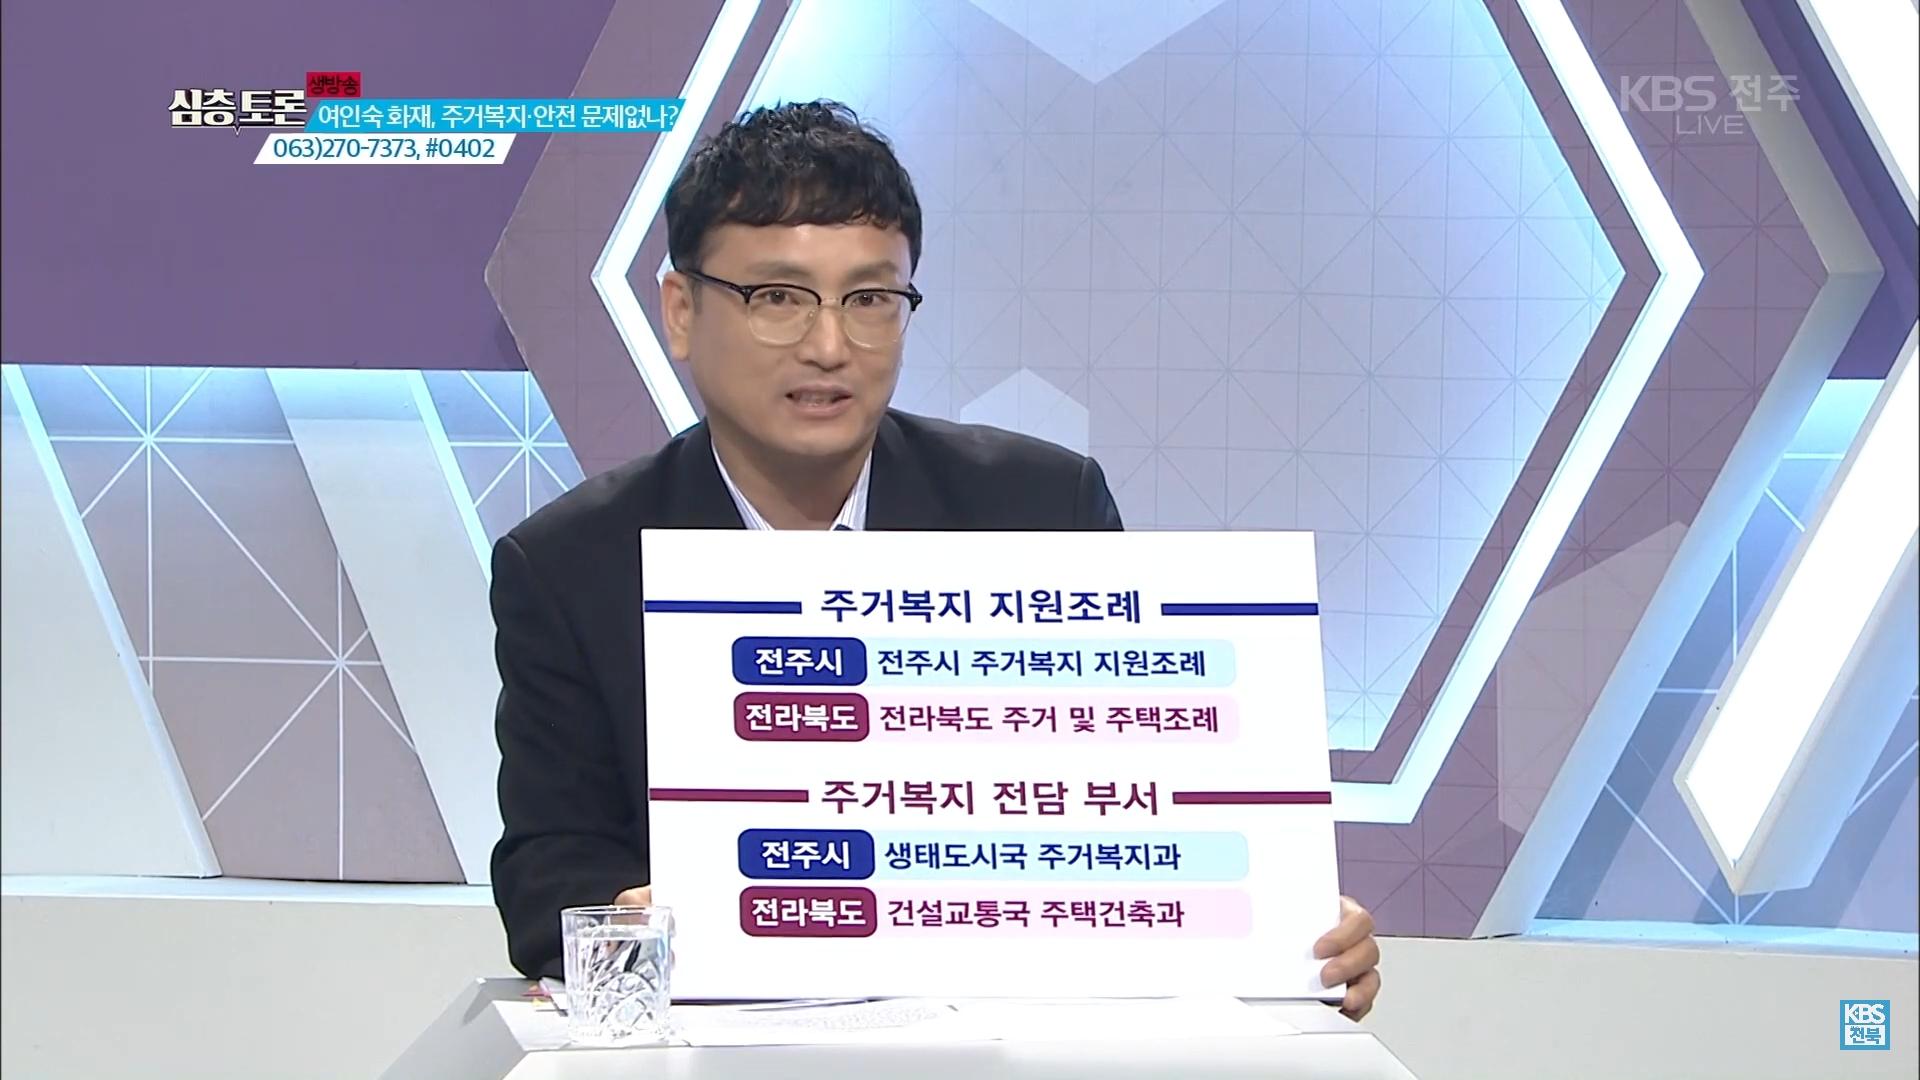 [19.9.4 KBS전주 생방송 심층토론] 전주 여인숙 화재, 주거복지·안전 문제없나3.jpg